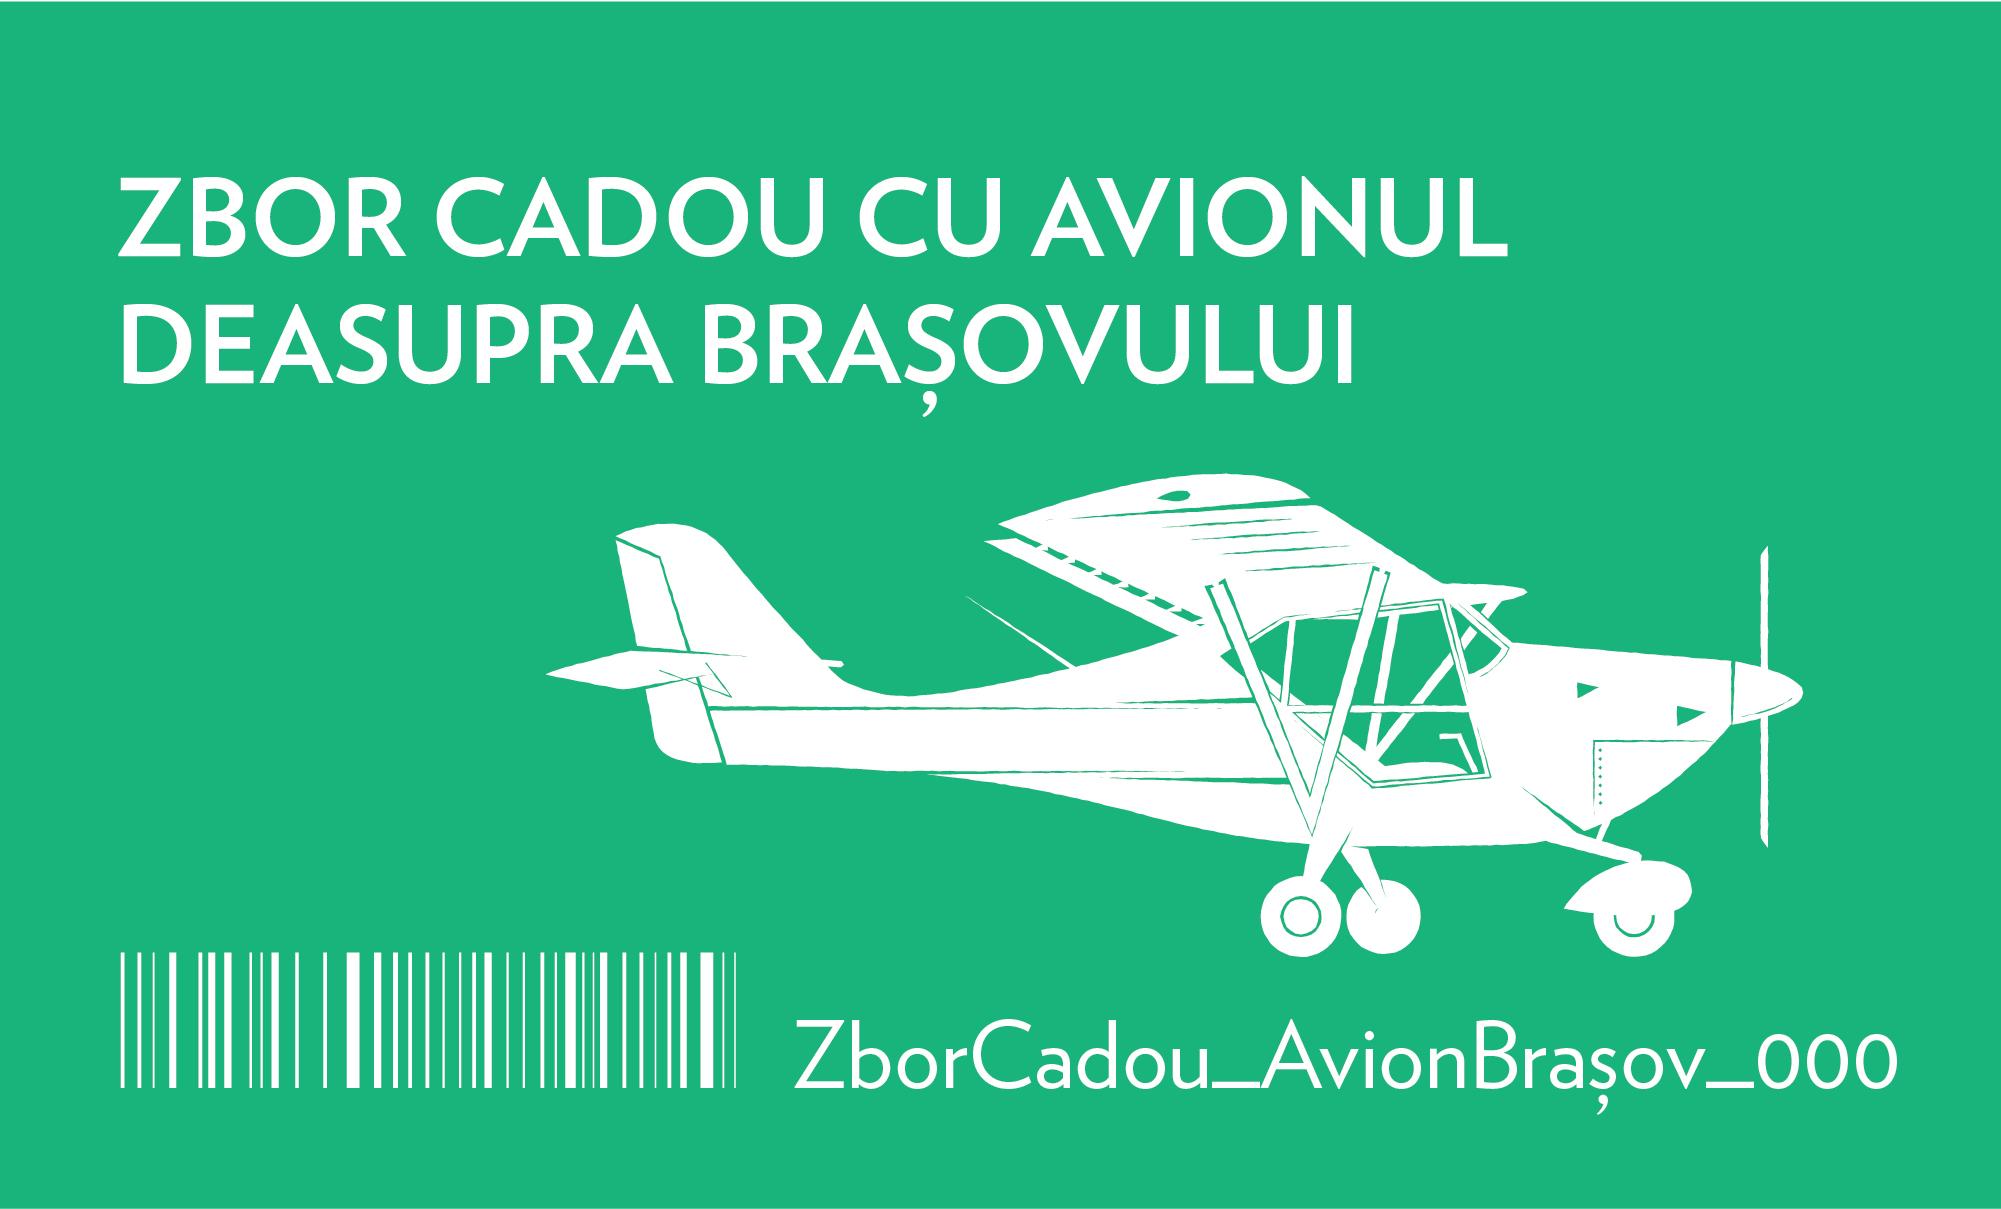 zbor cadou cu avionul deasupra brașovului